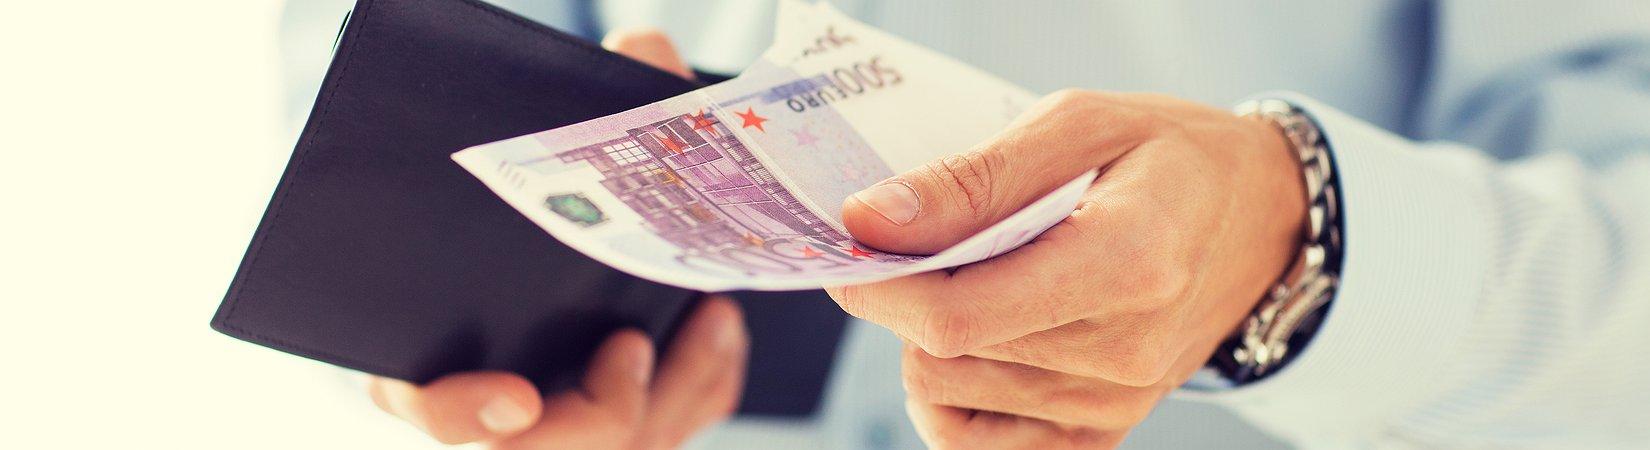 Hände weg vom 500-Euro-Schein